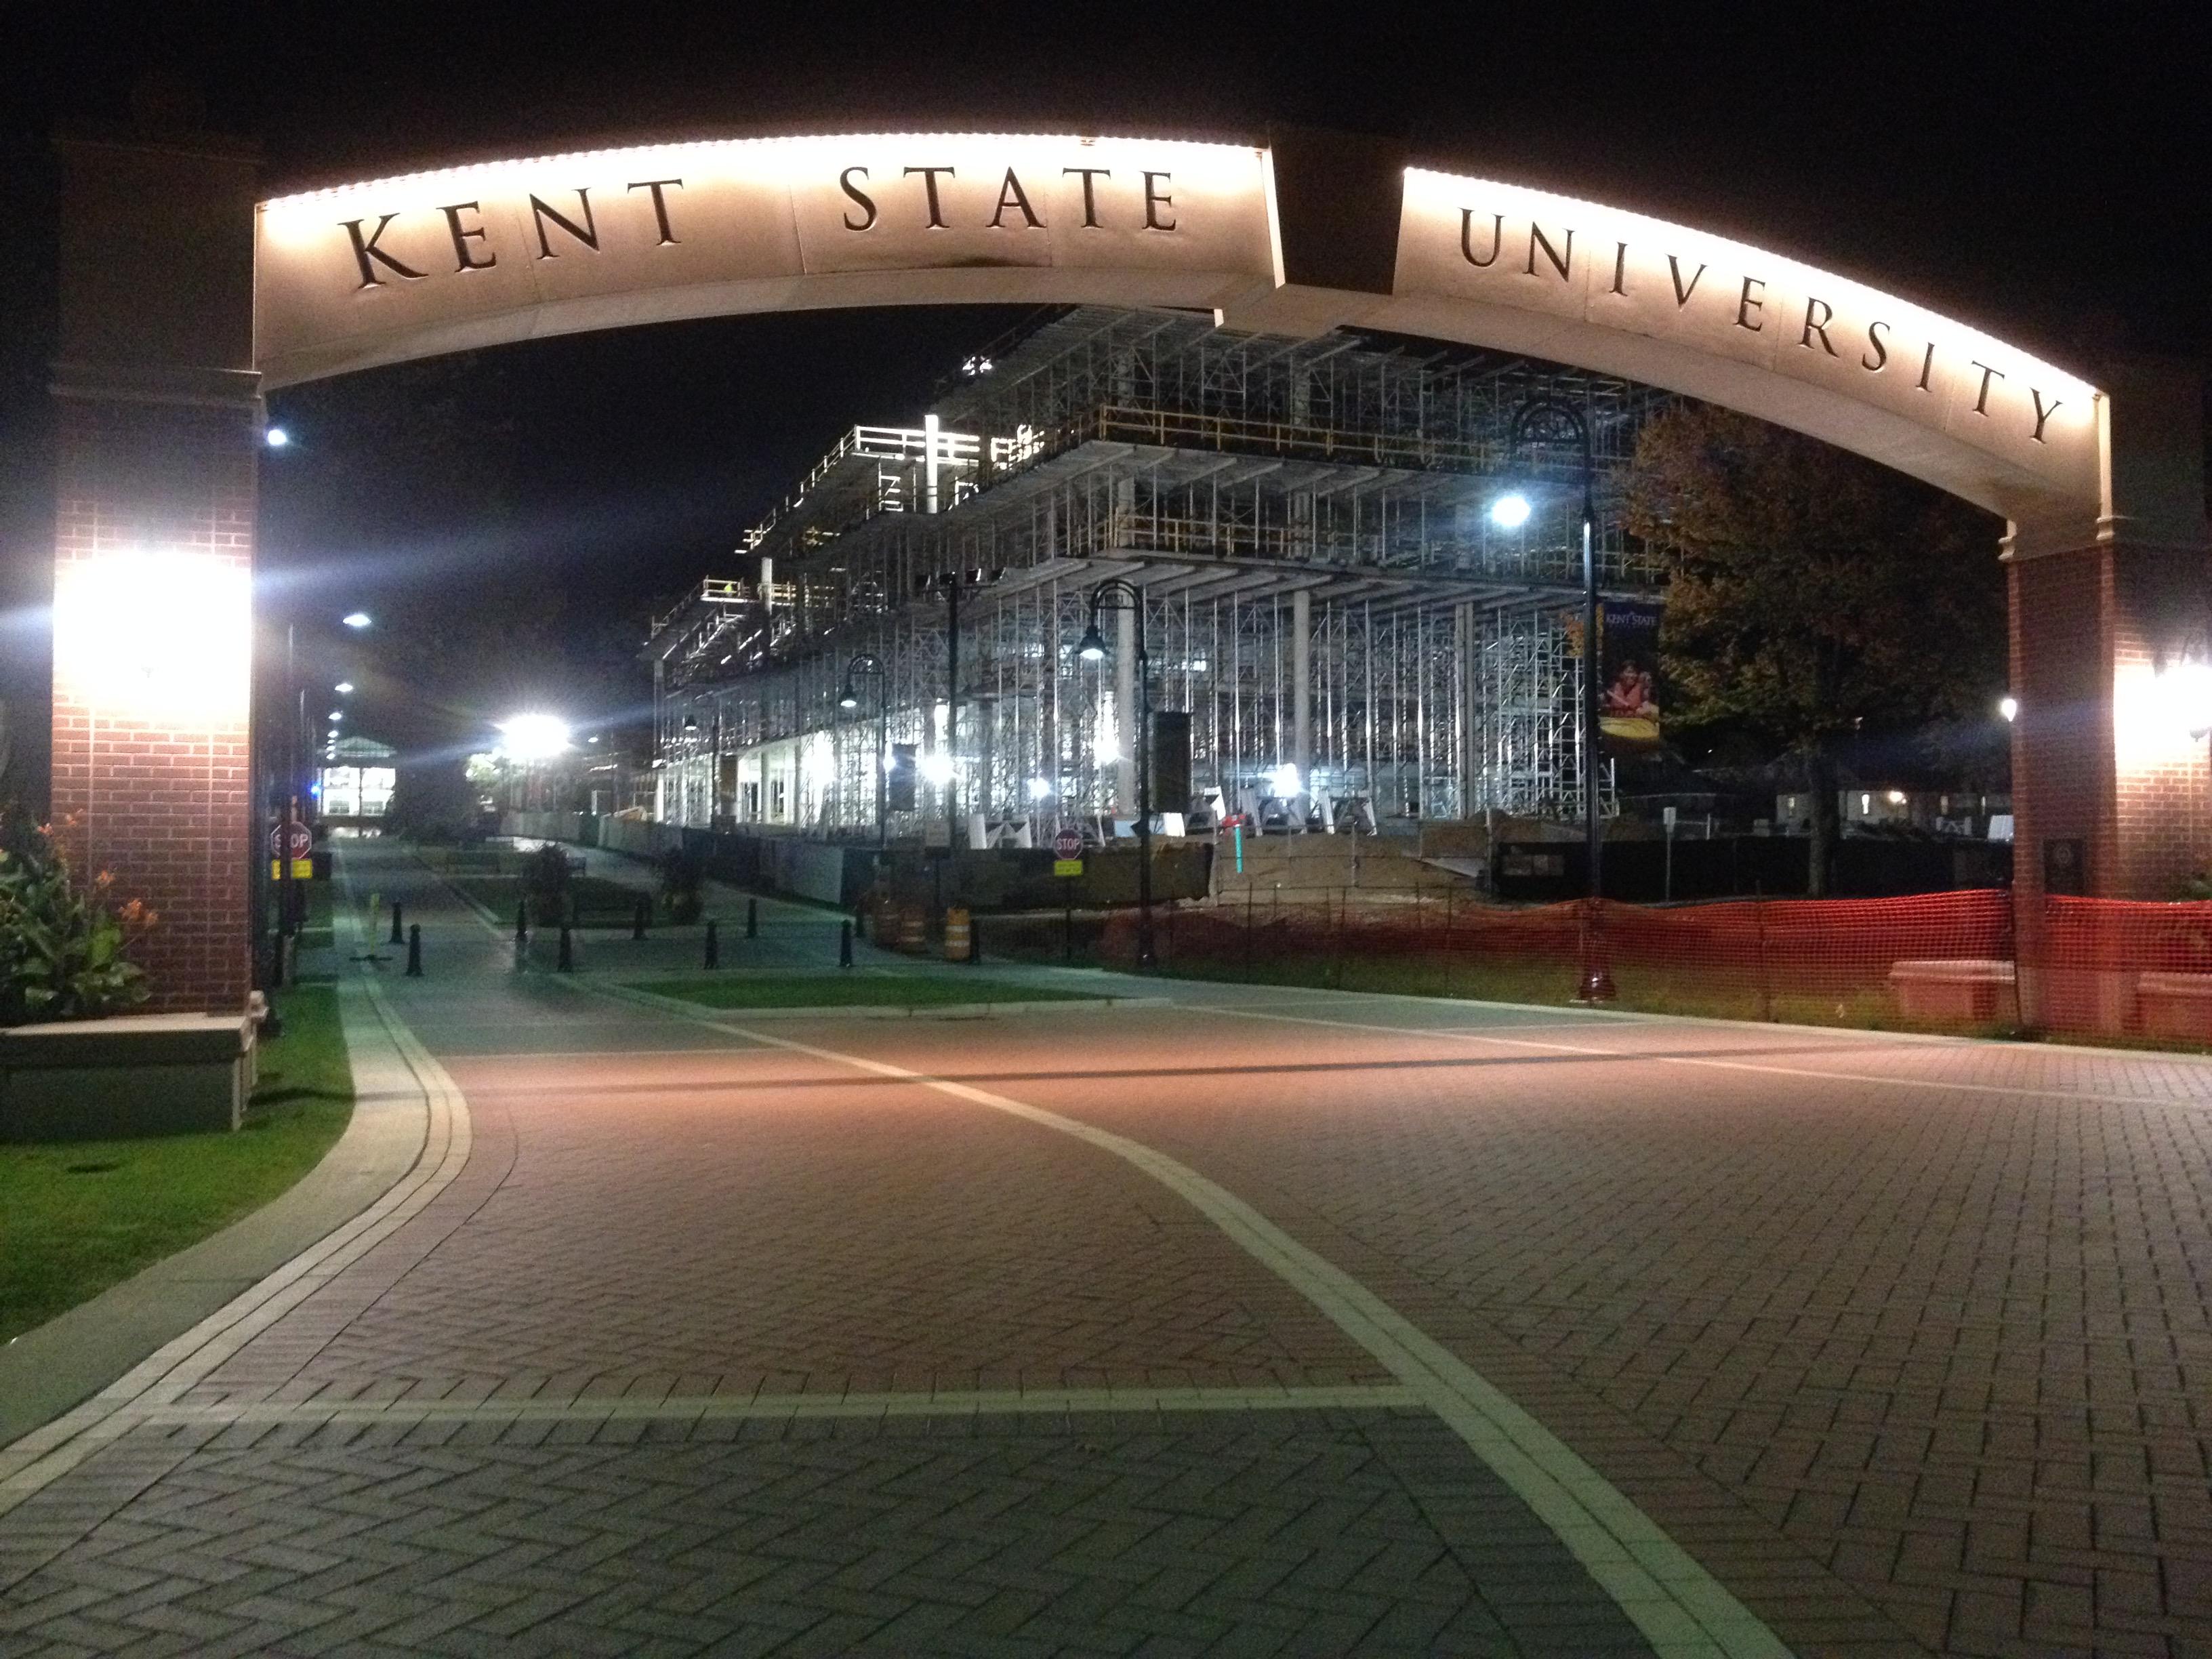 KENT STATE 10